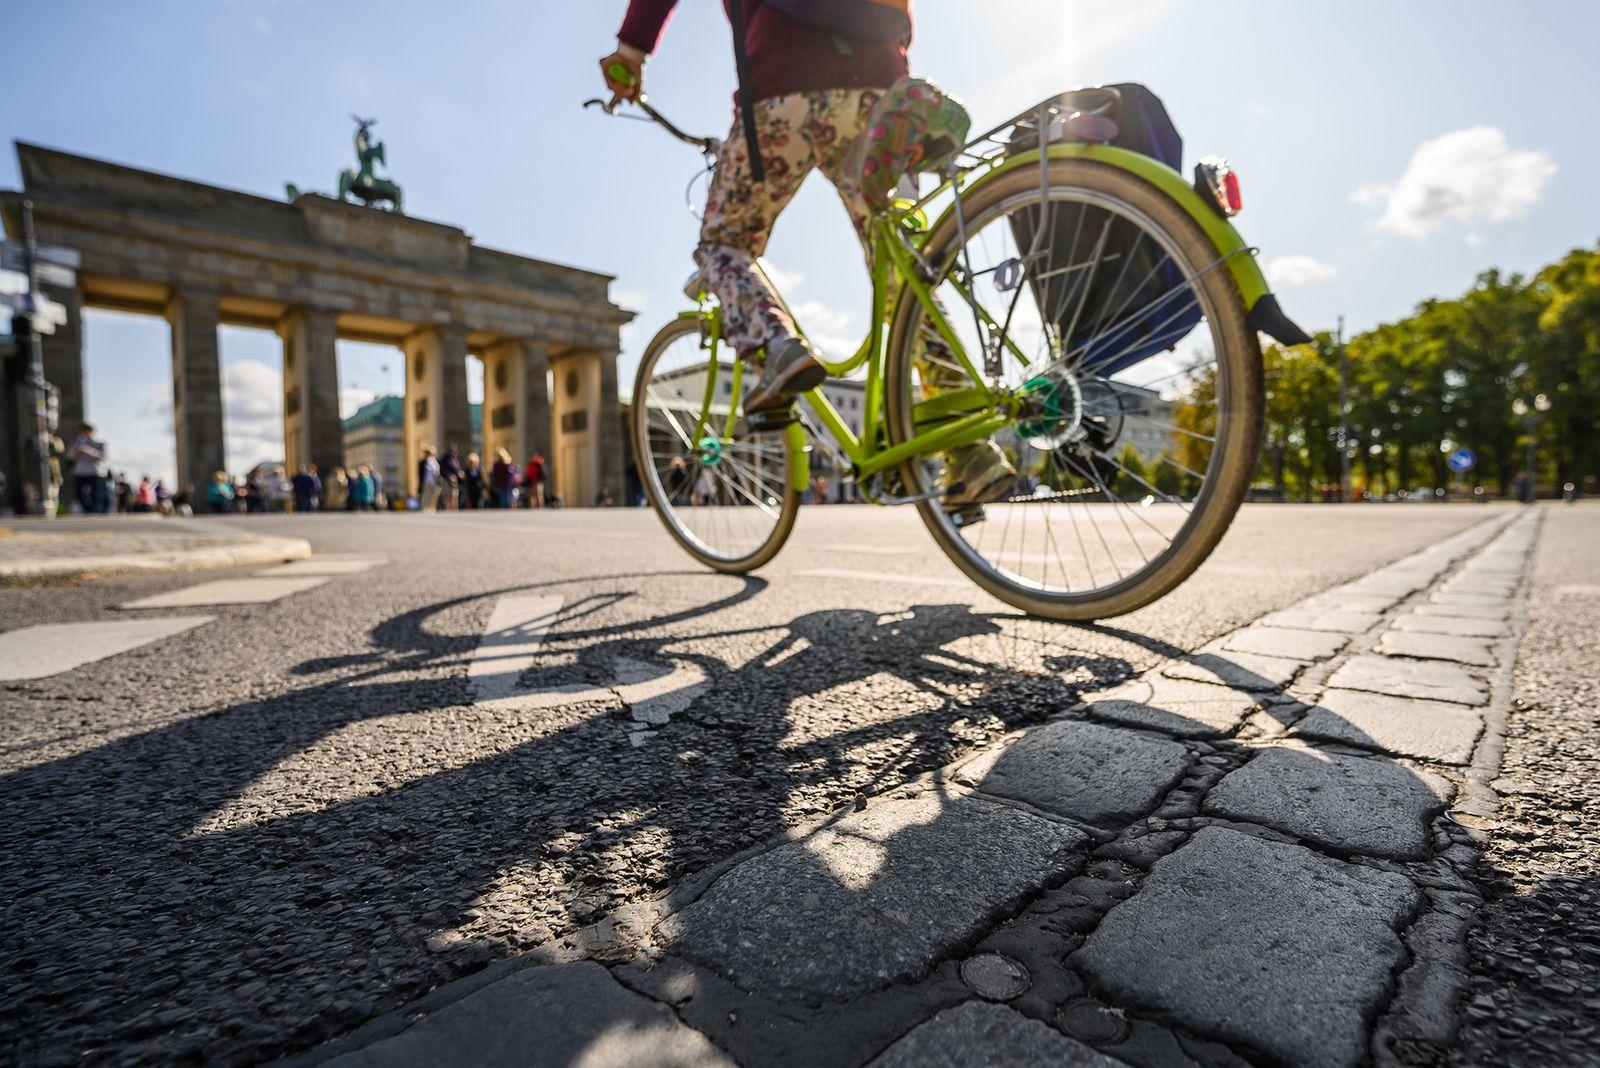 Fahrrad/ Berlin/ Brandenburger Tor